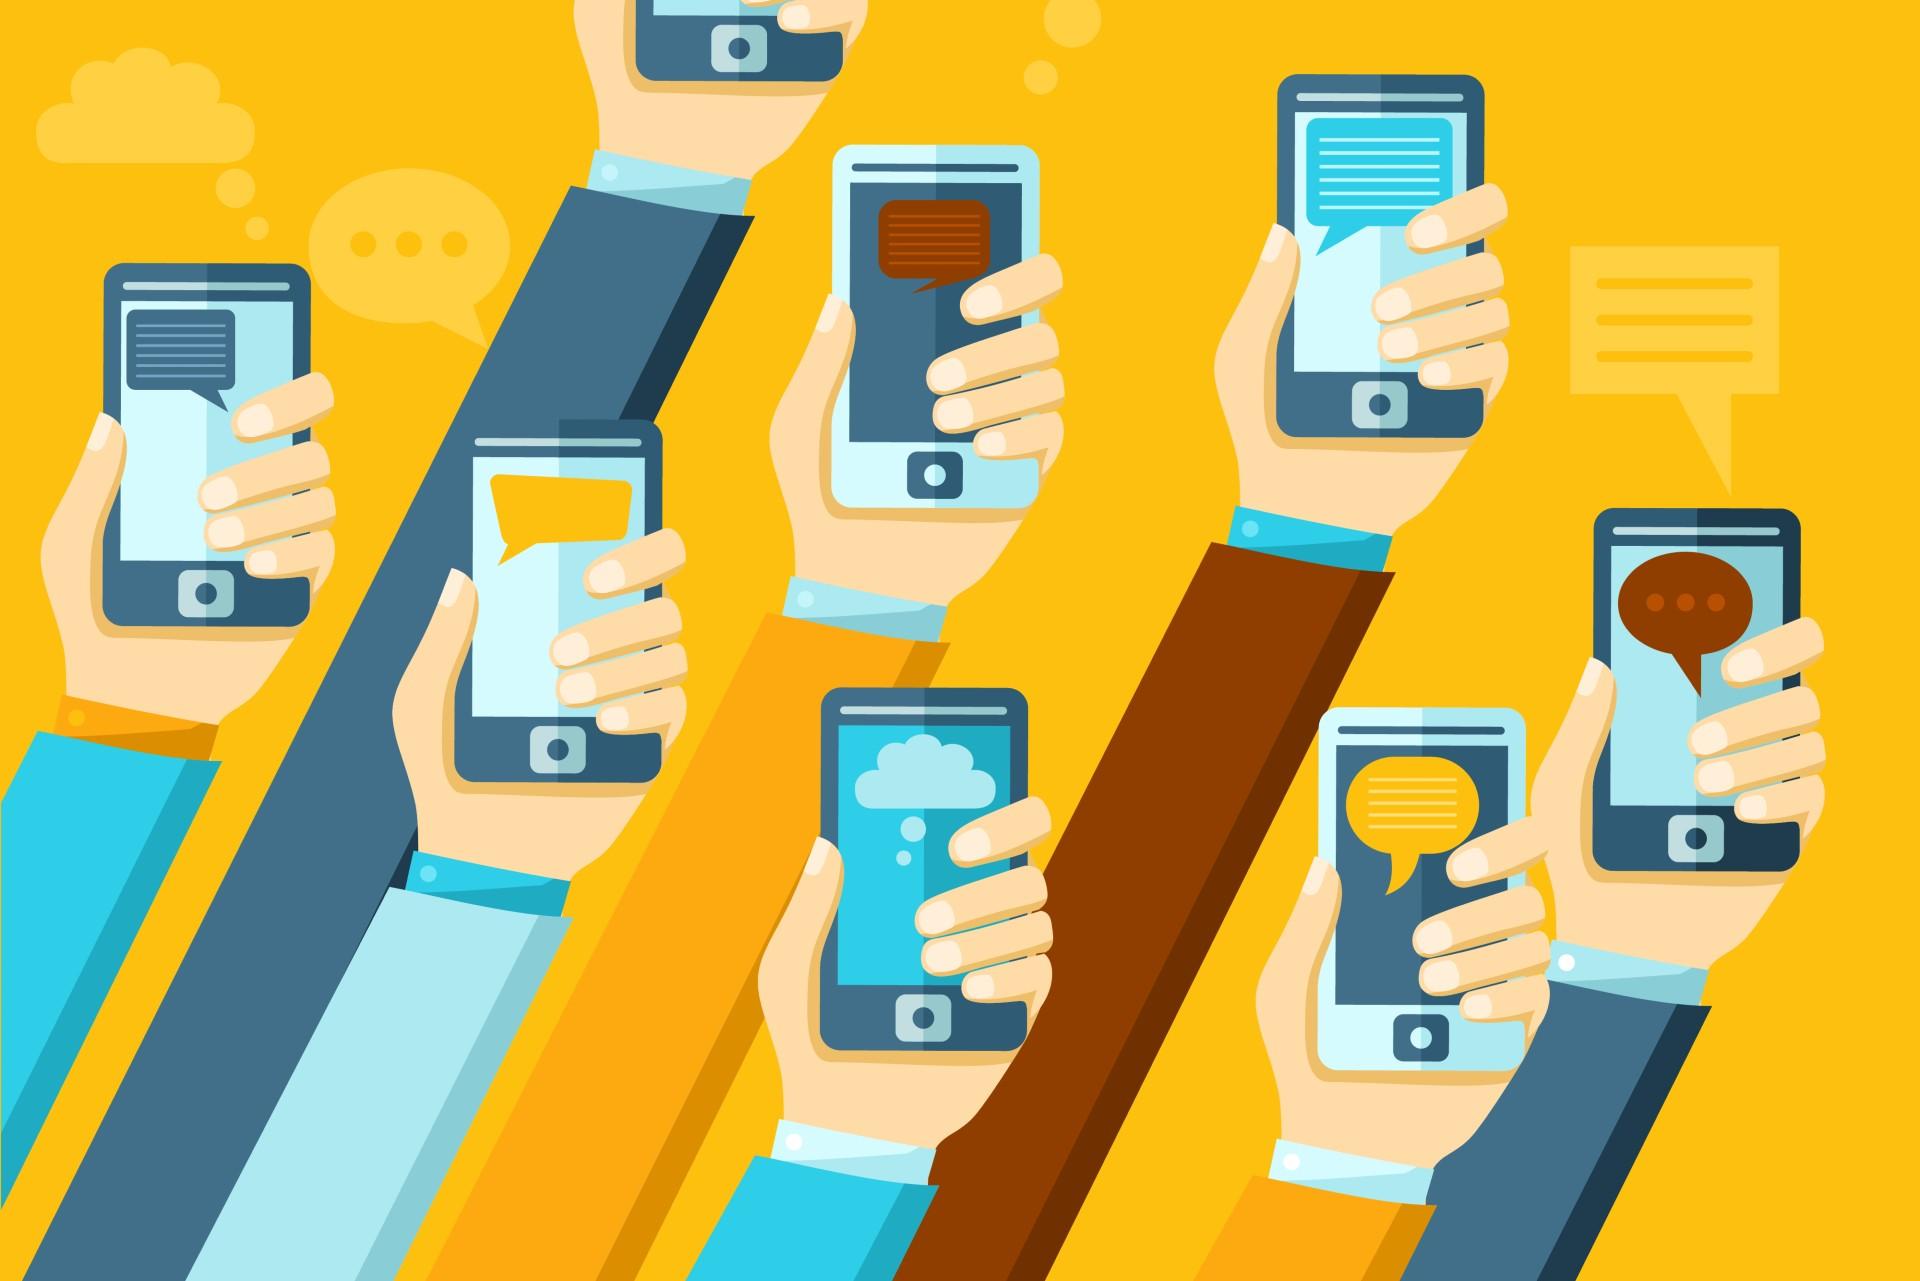 aplikacije za razmjenu poruka